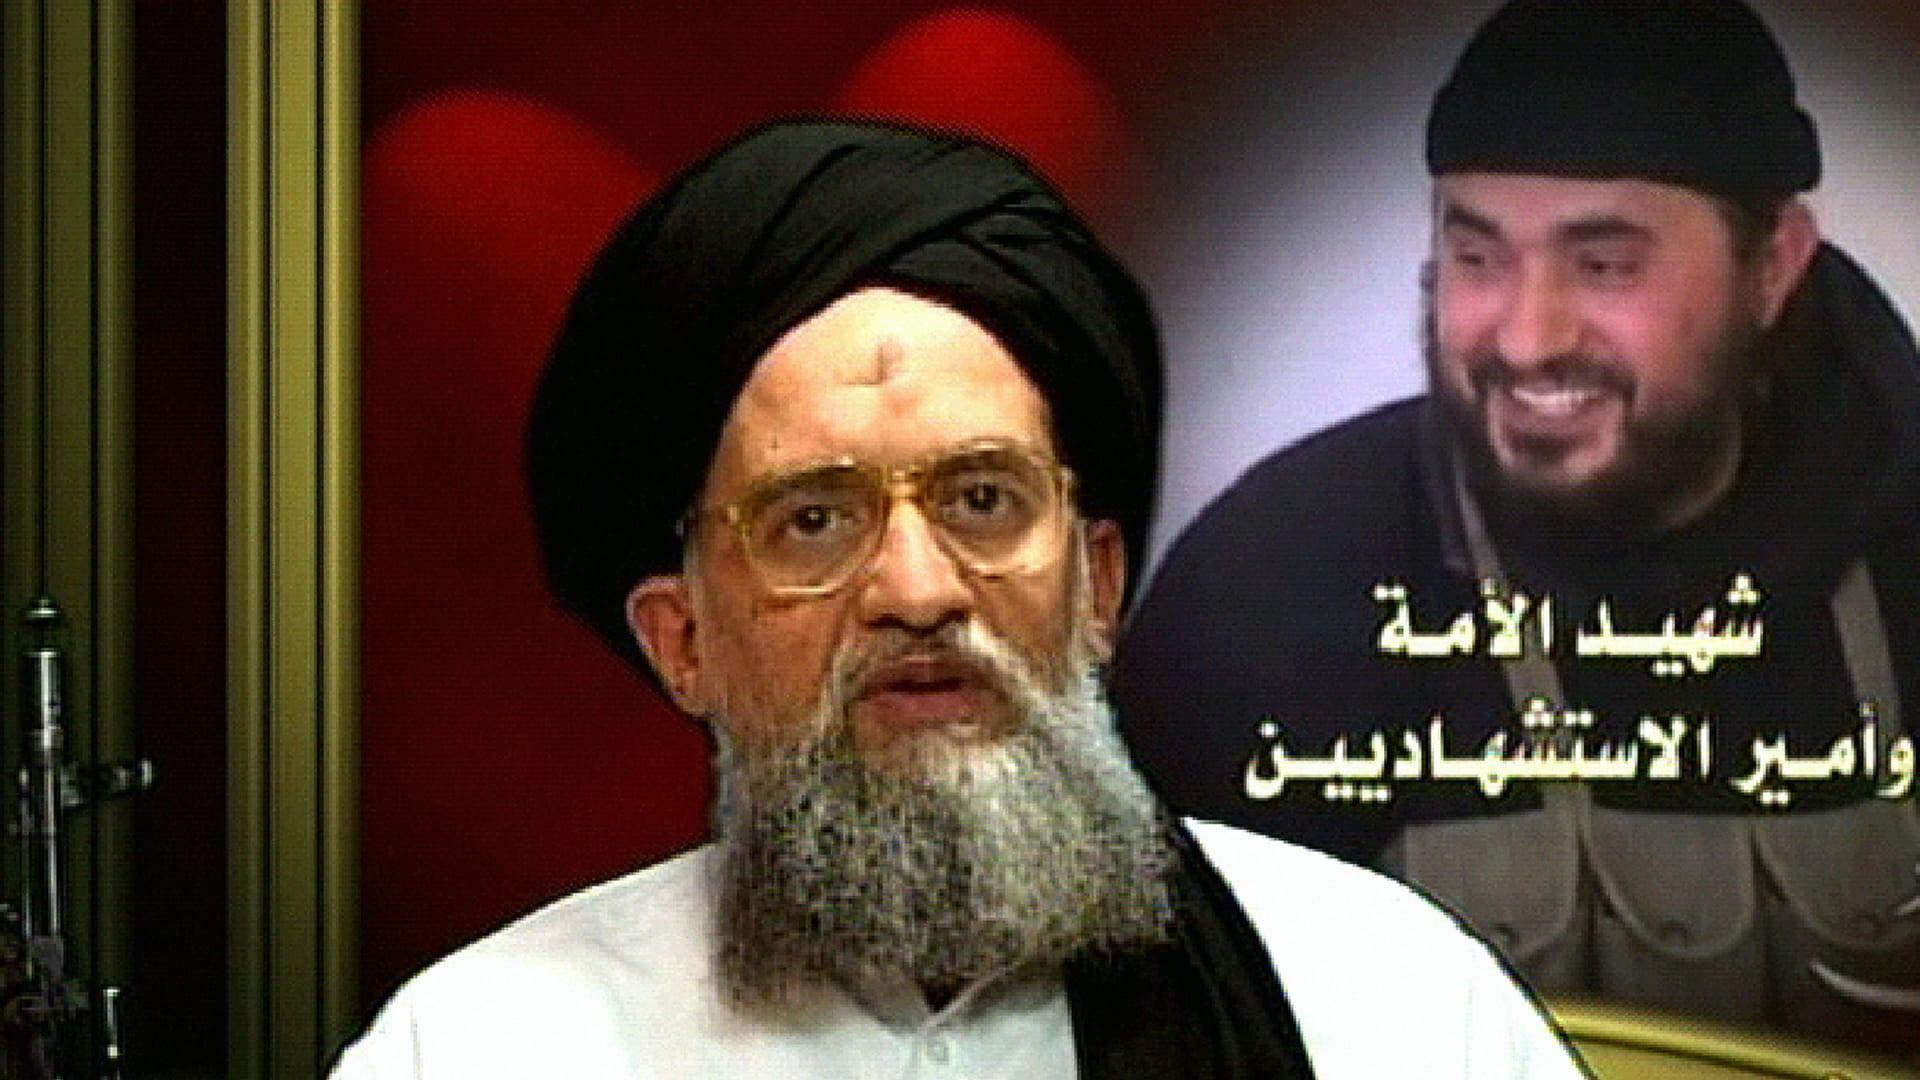 مسؤول يبين لشبكتنا كيف قرأت استخبارات أمريكا رسالة الظواهري عن السنّة والشيعة